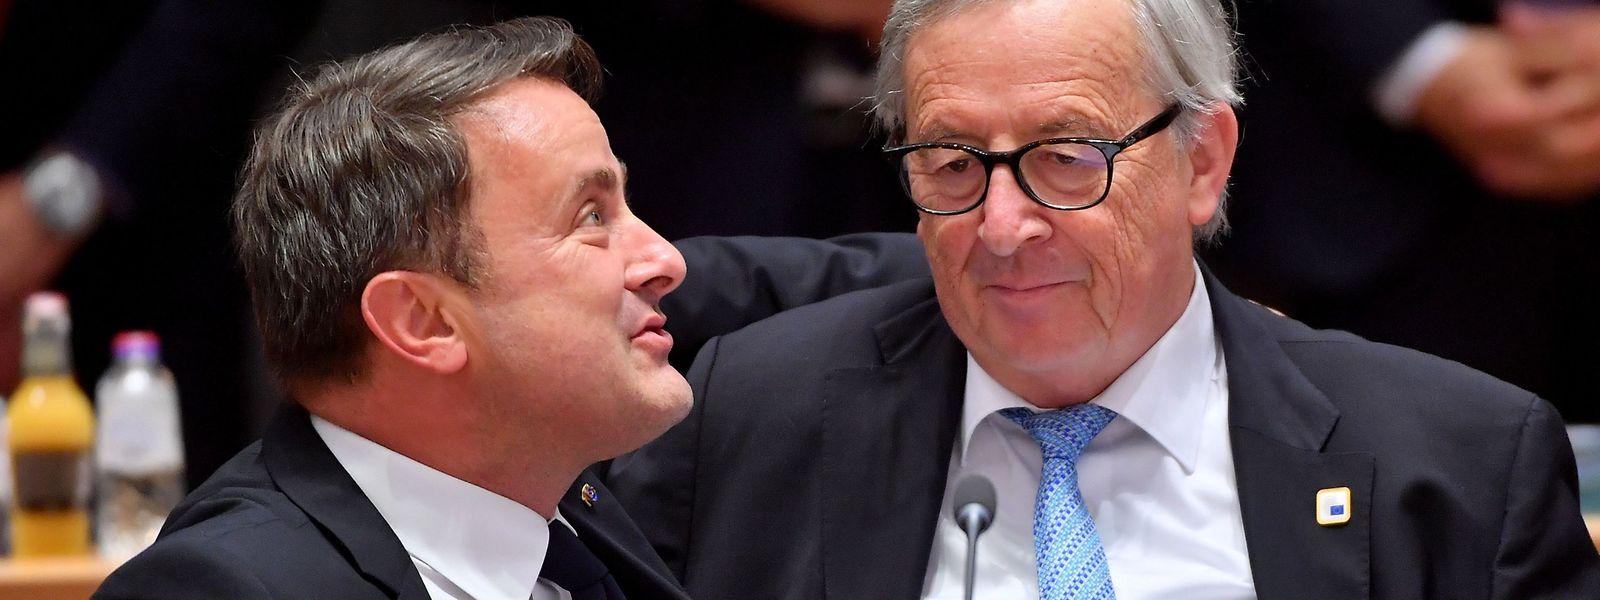 Brückenbauer unter sich: Die beiden Luxemburger beim EU-Gipfel in Brüssel, Xavier Bettel und Jean-Claude Juncker.